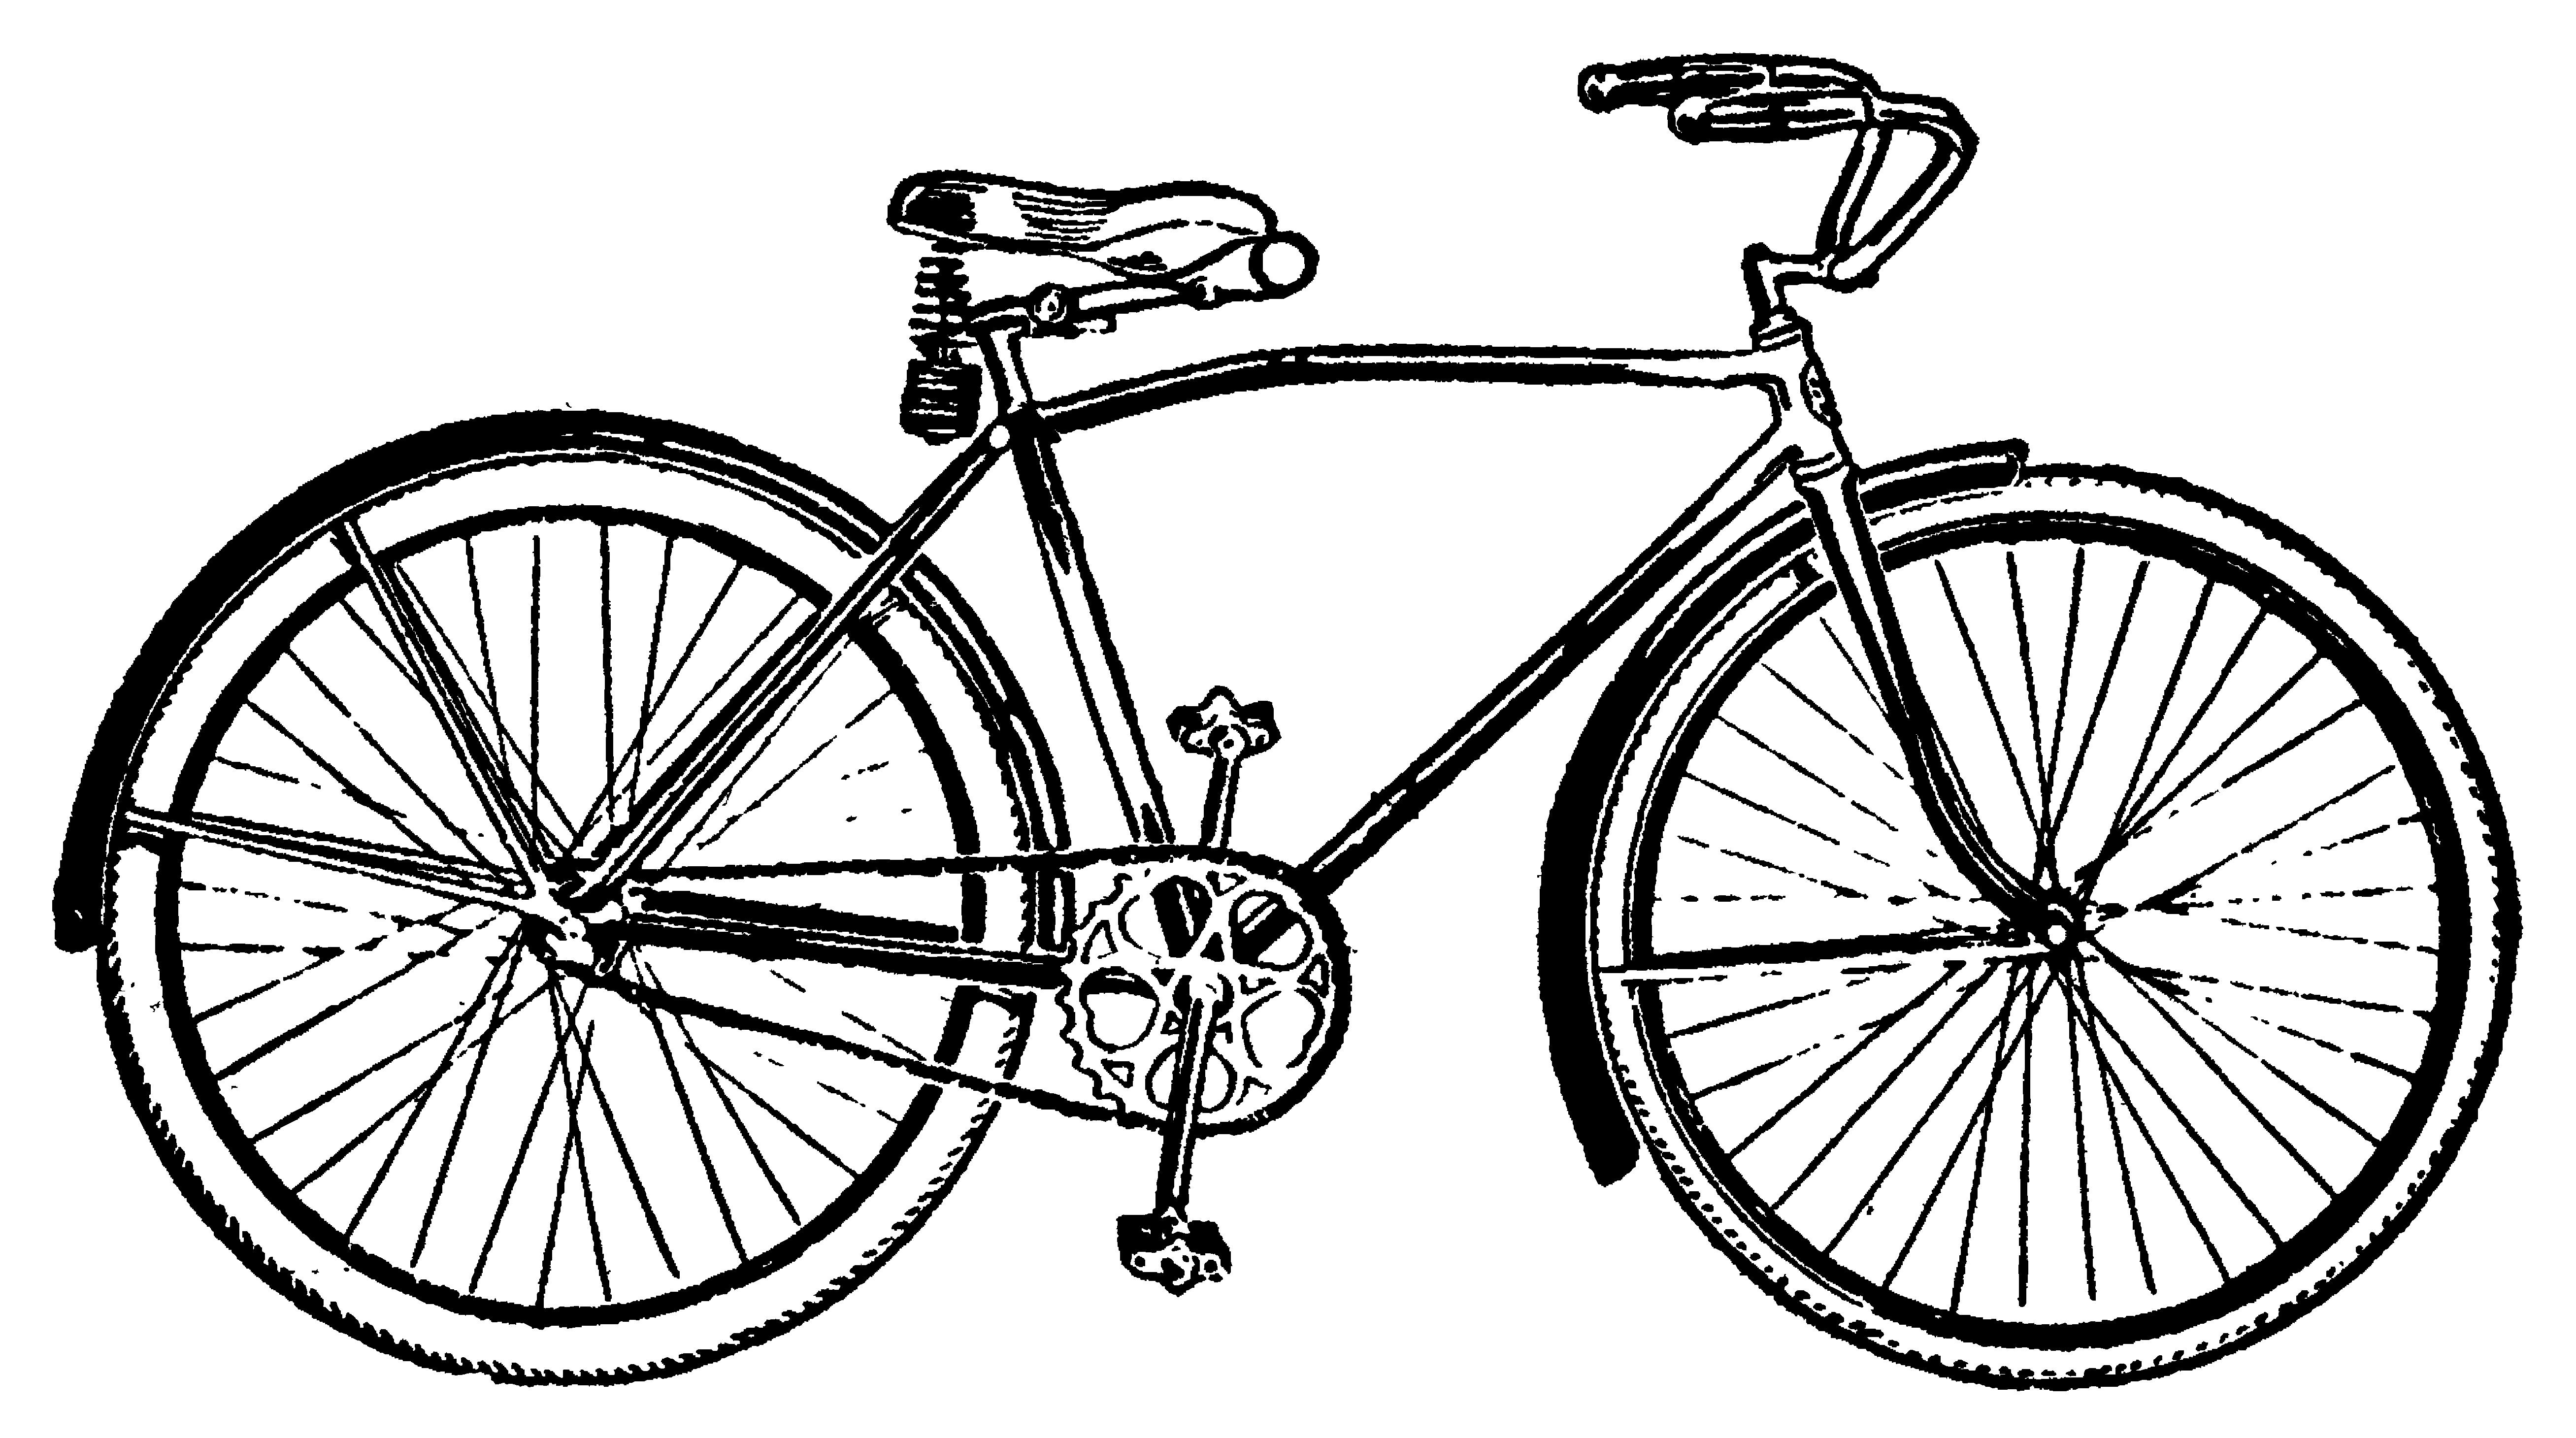 5230x2920 Old Bike Cliparts